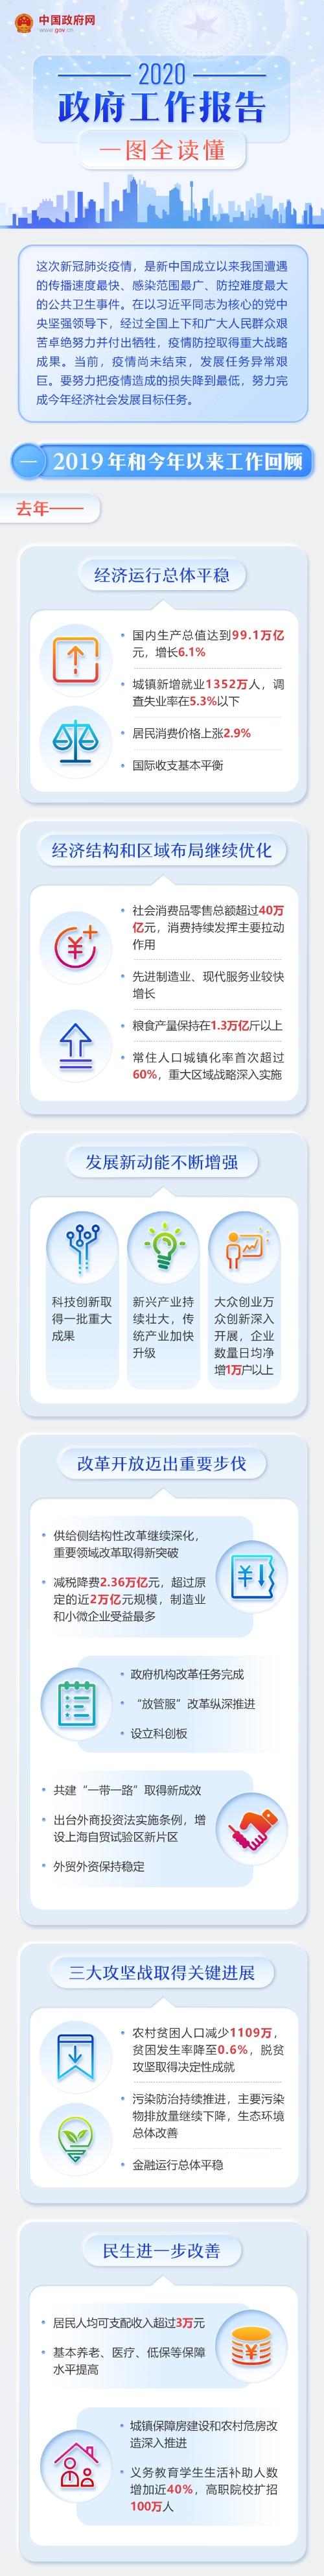 赢咖3官网:20赢咖3官网20年政府工作报告图片